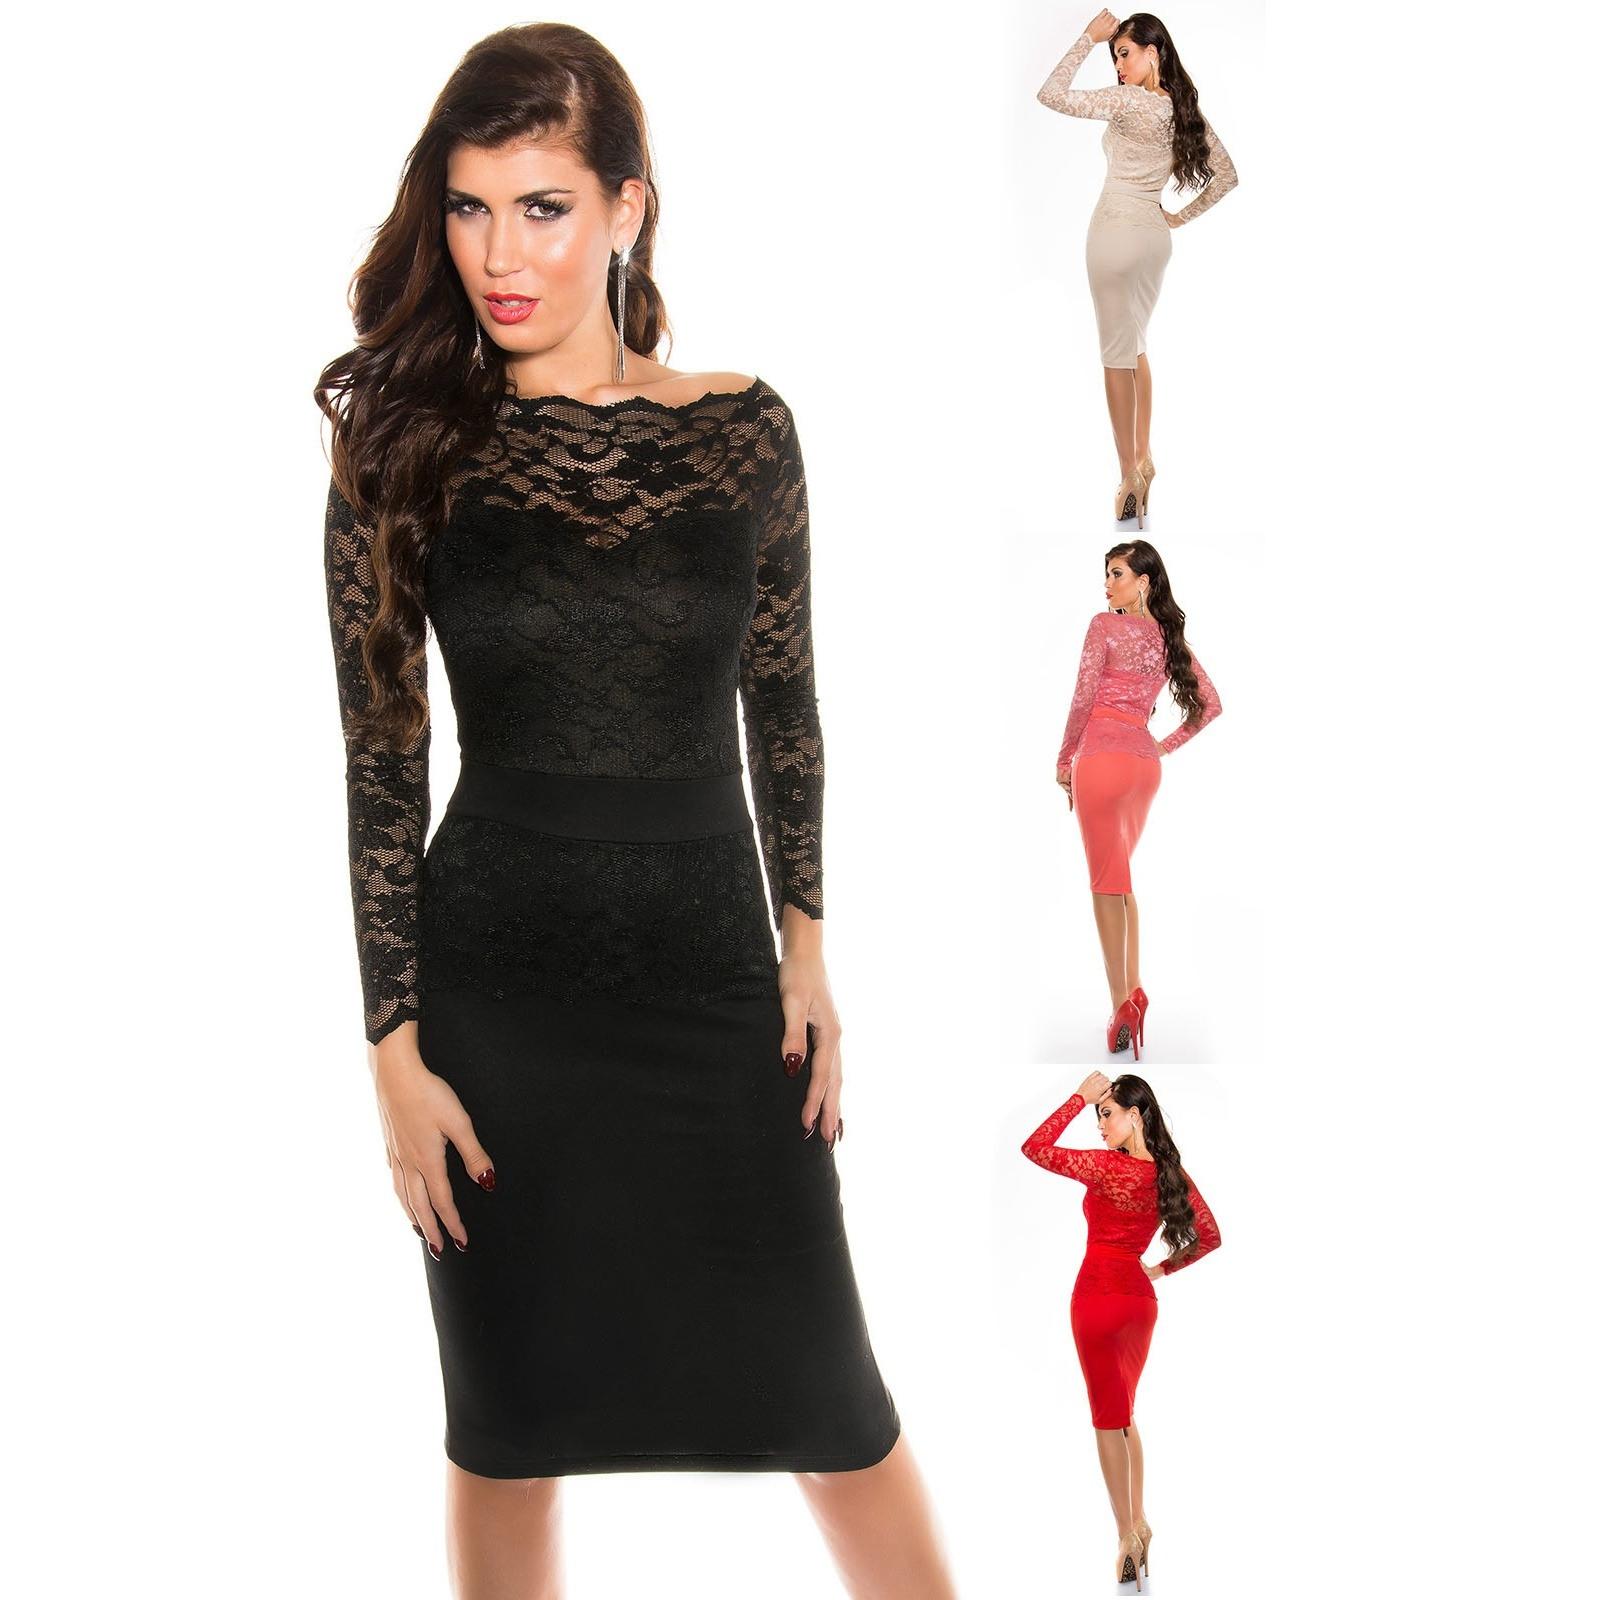 17 Einfach Damen Sommerkleider Midi Design10 Cool Damen Sommerkleider Midi Spezialgebiet